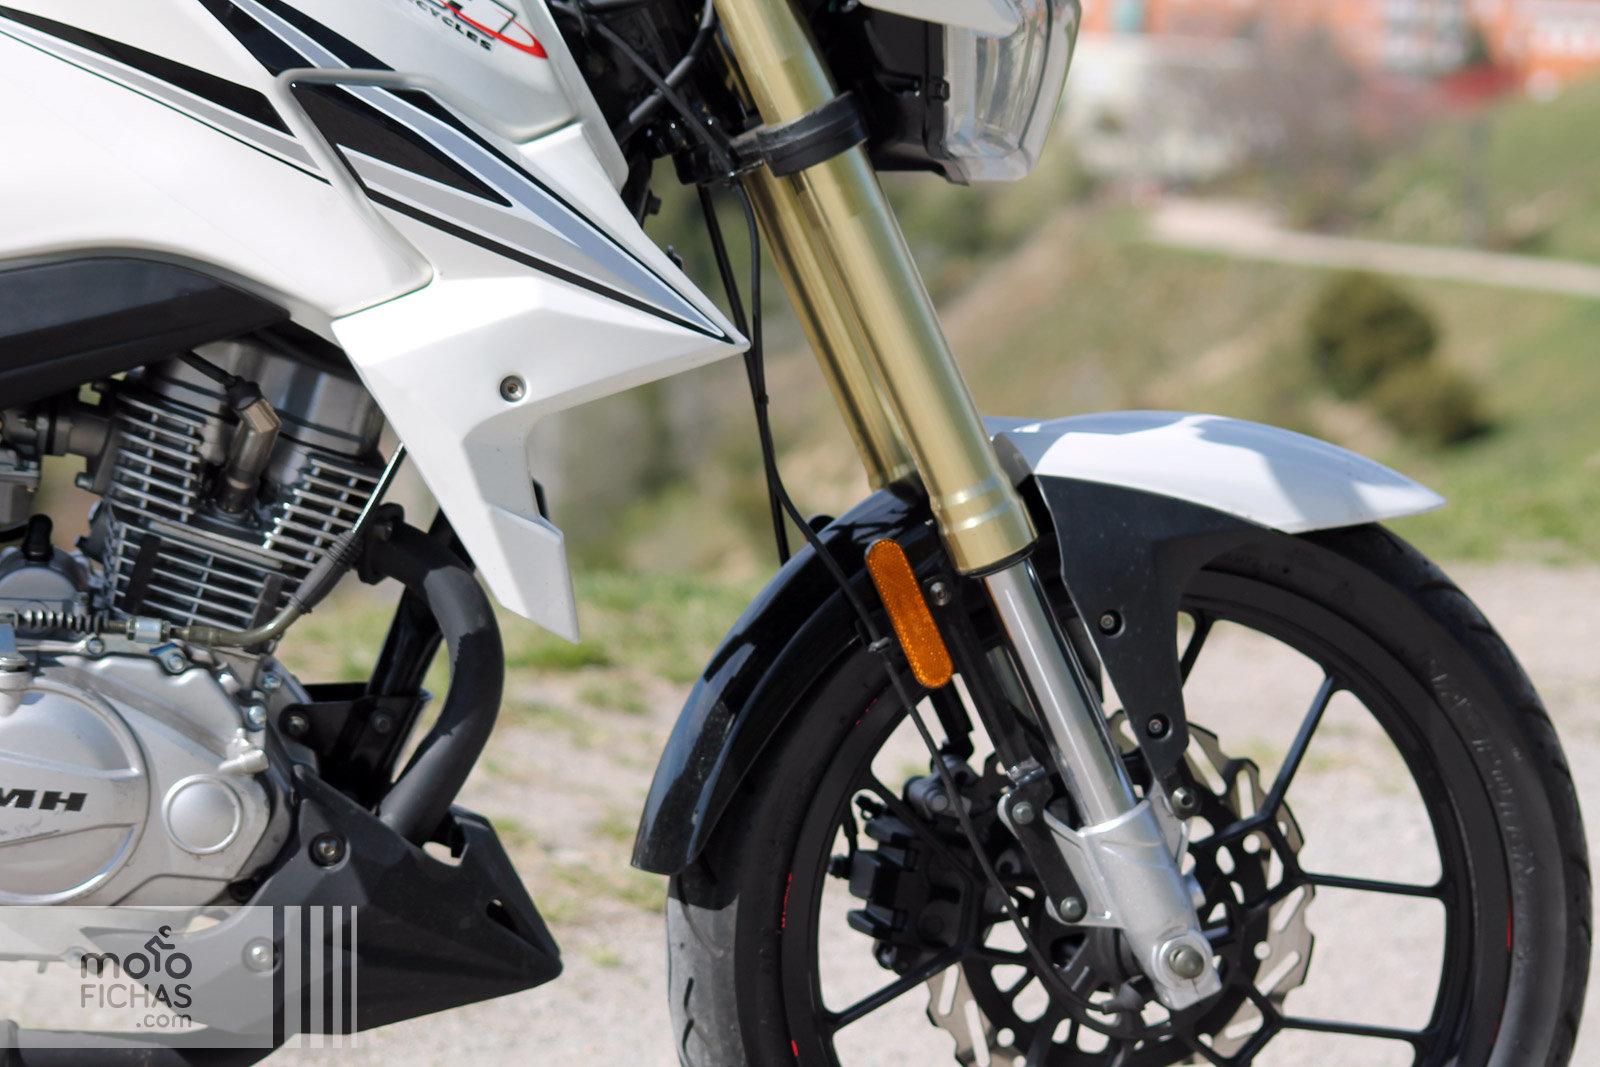 103 | Moto1Pro